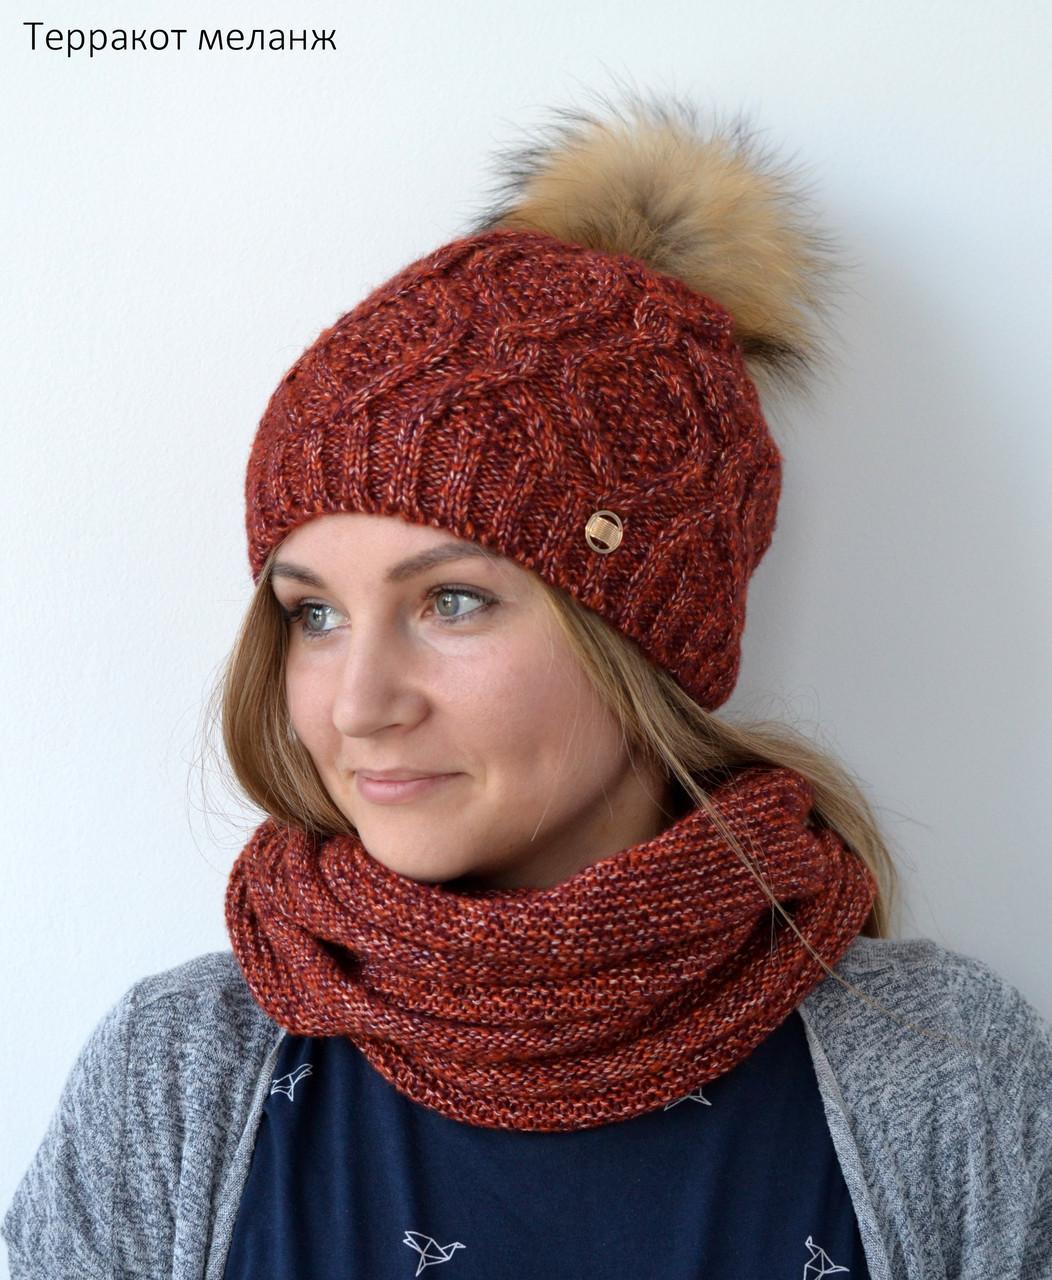 шапка вязаная женская зимняя 2018 в магазине Malishopt арт 639302548